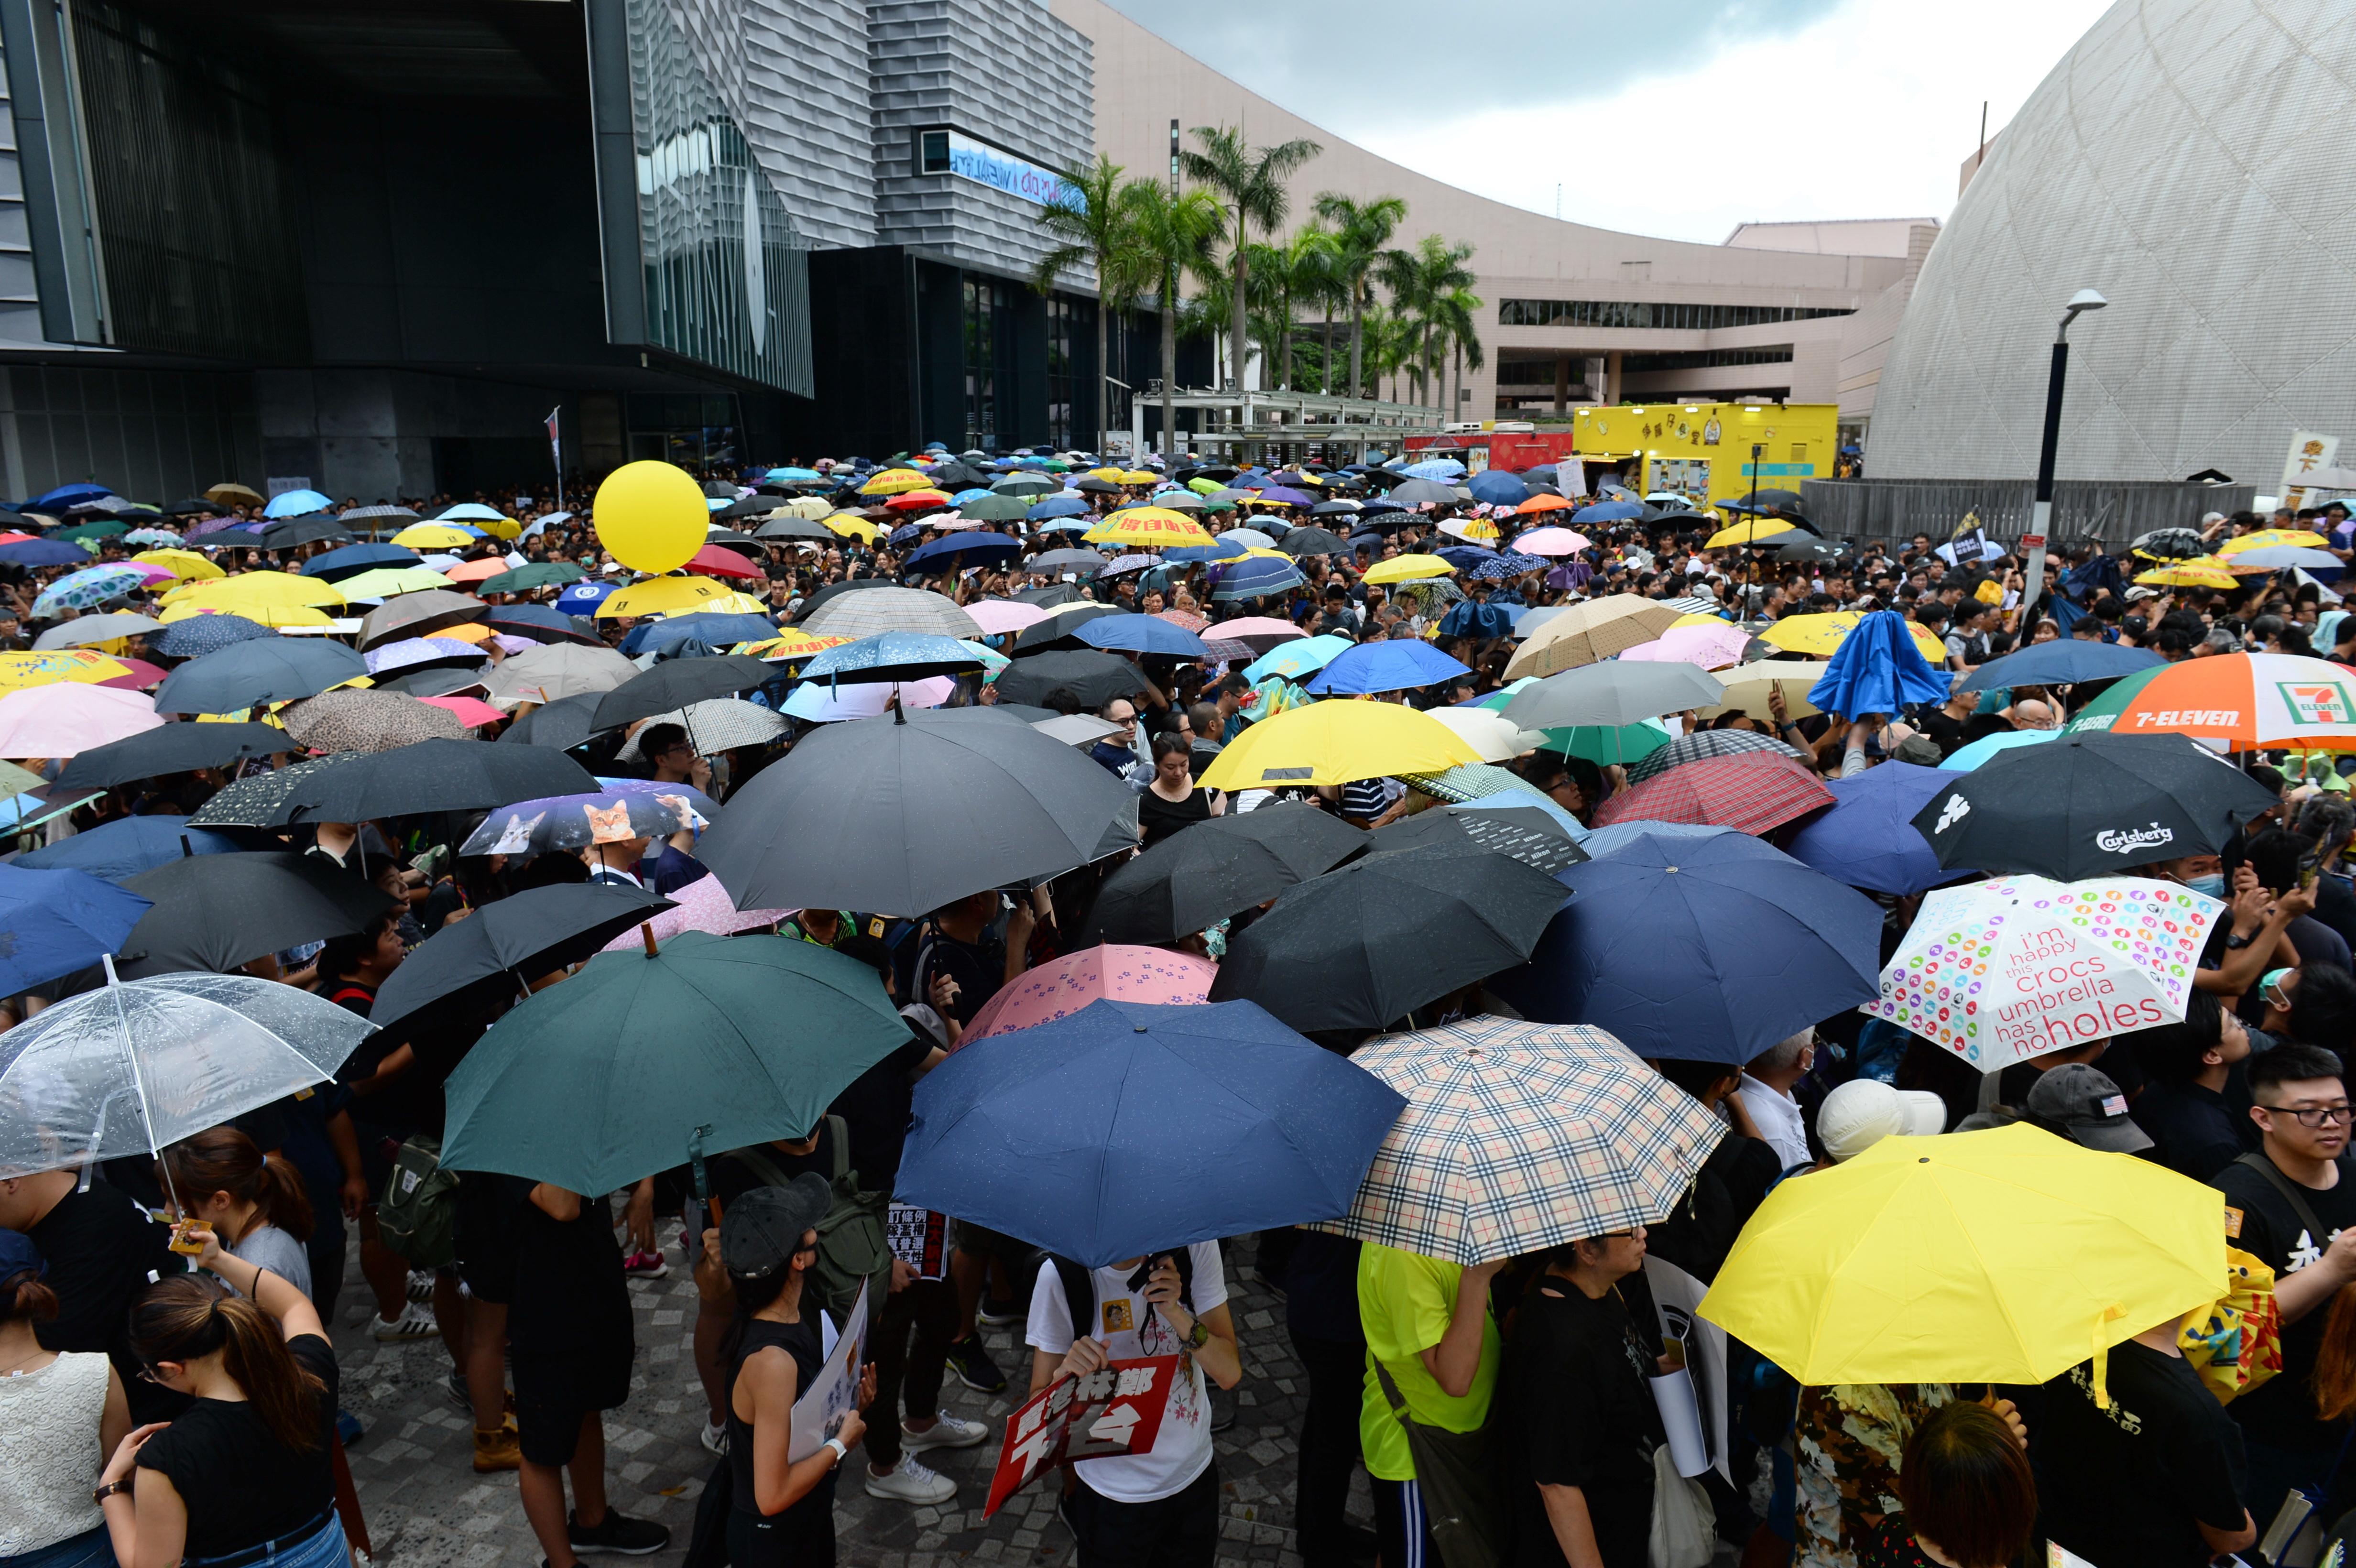 2019年7月7日,香港,港人自發舉辦九龍遊行反送中。(宋碧龍/大紀元)